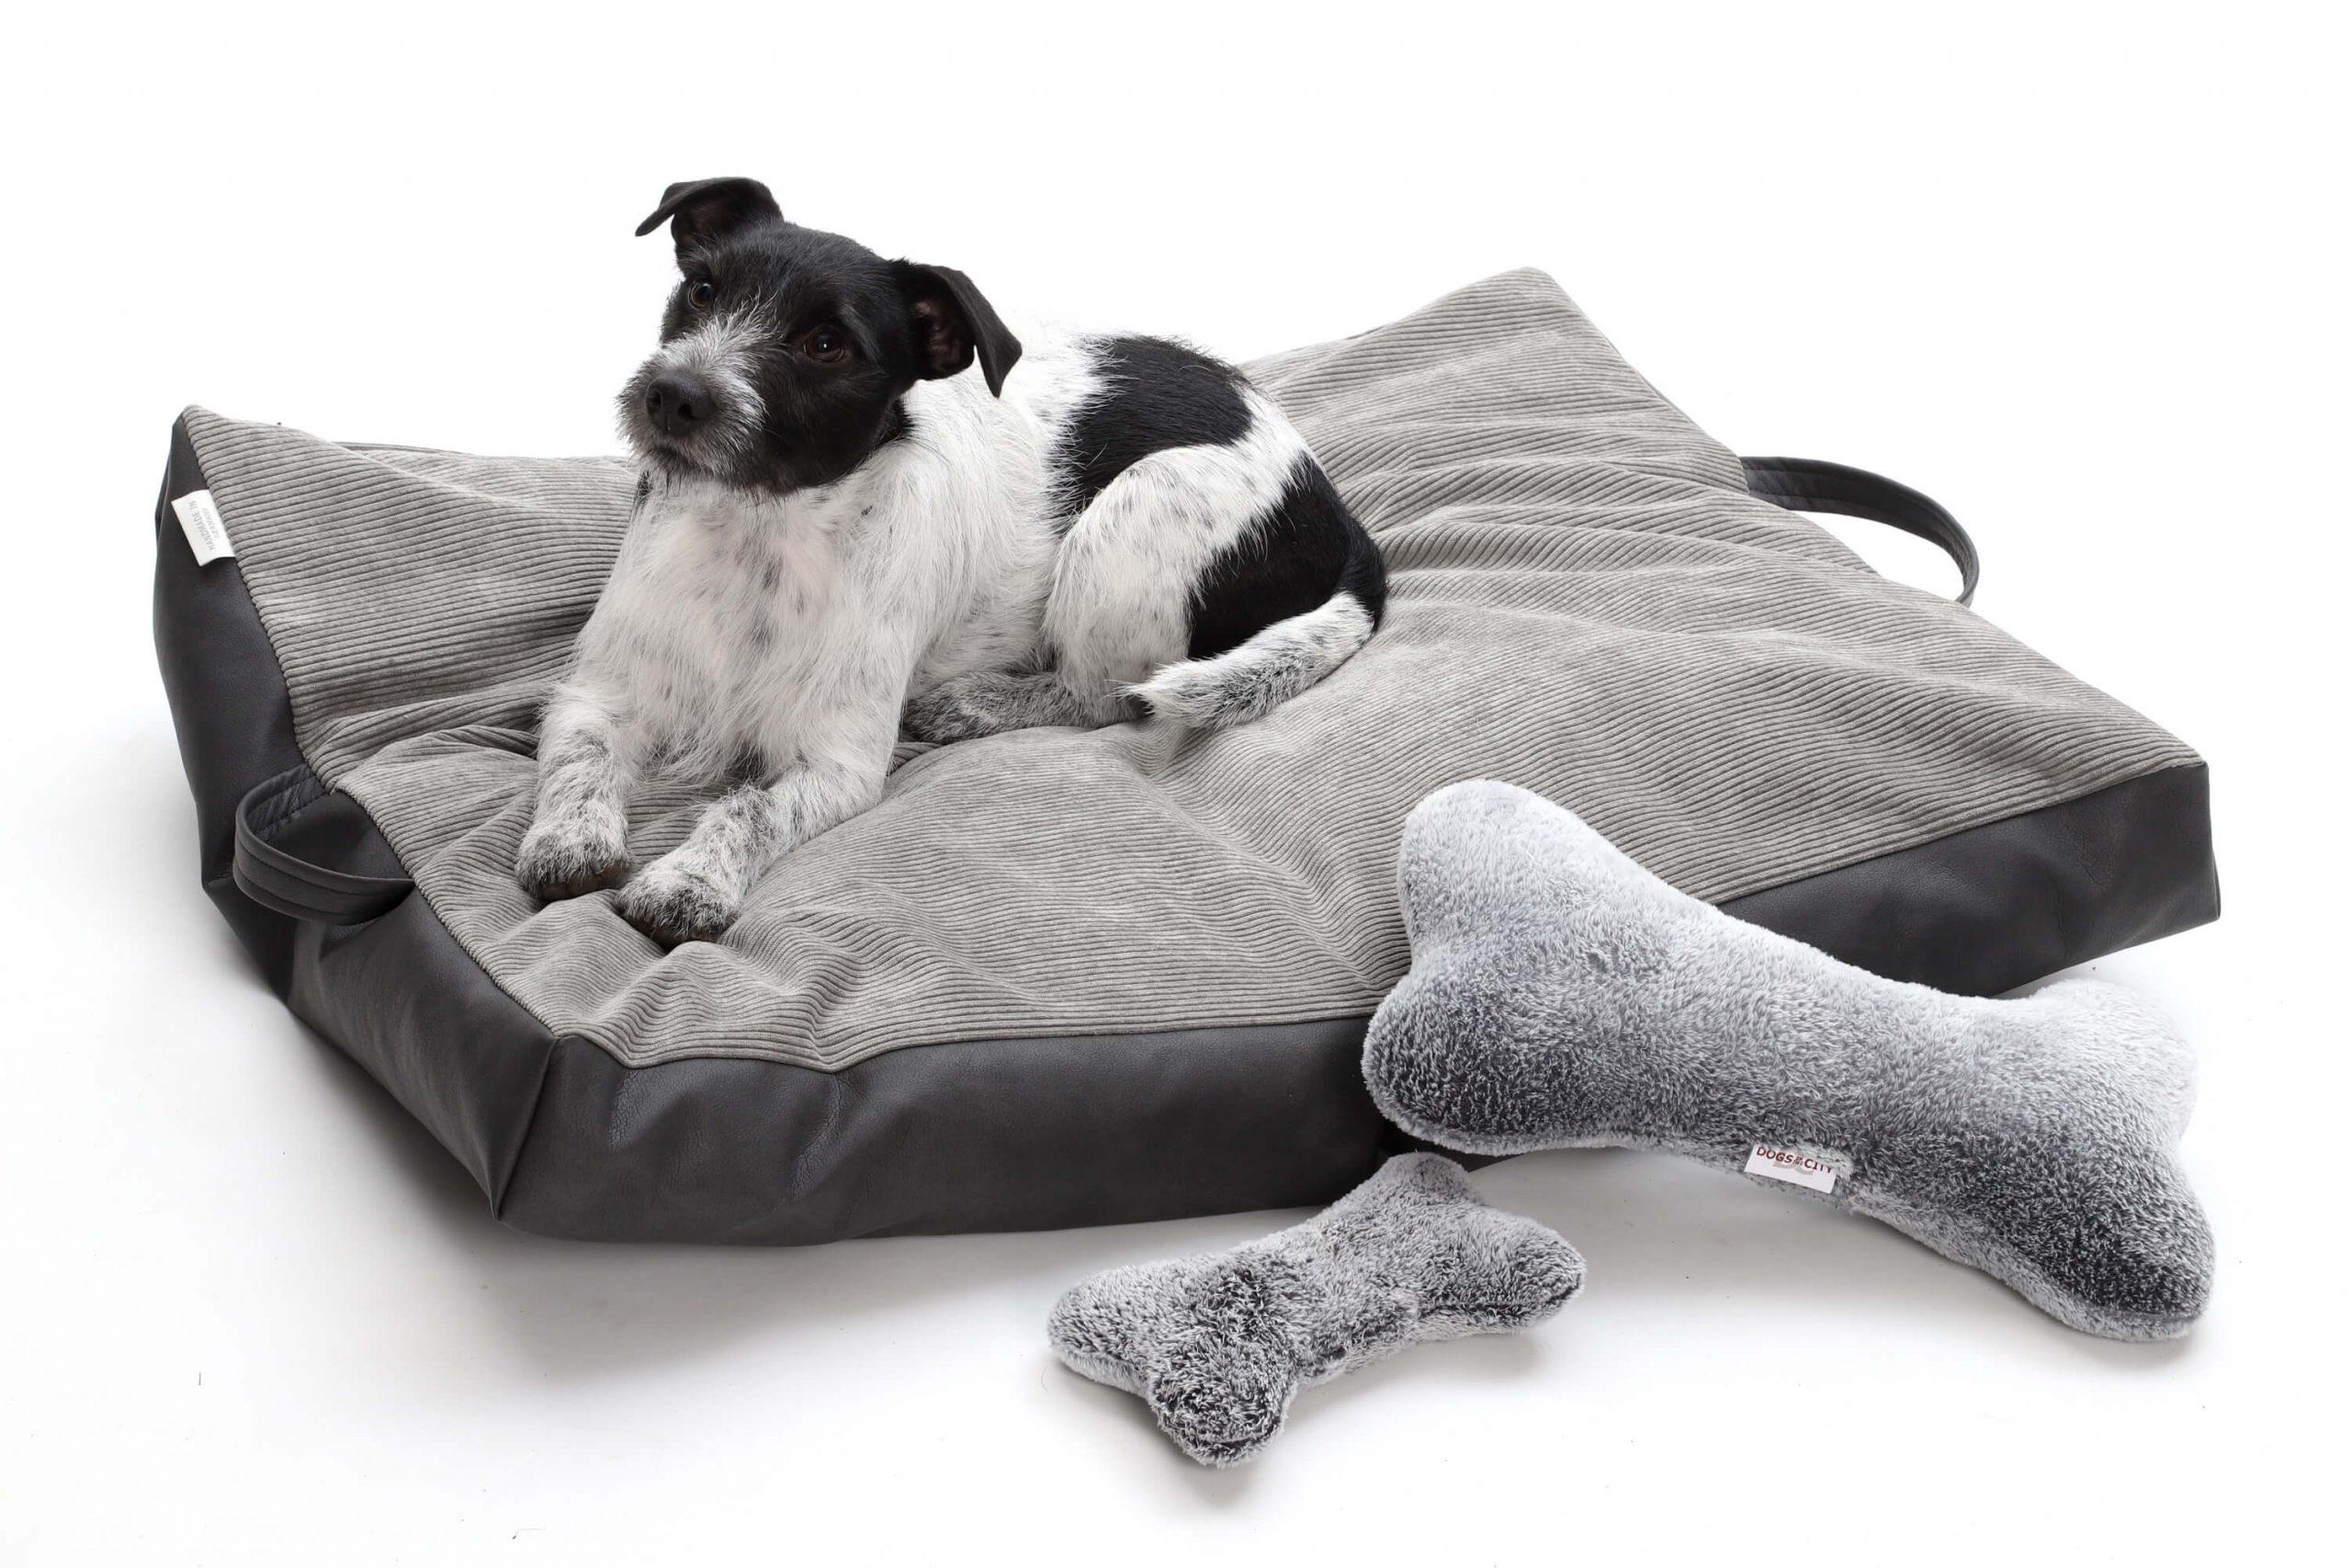 Full Size of Hundebett Flocke Travel Bed Reisekissen Grau S M Dogs In The City Wohnzimmer Hundebett Flocke